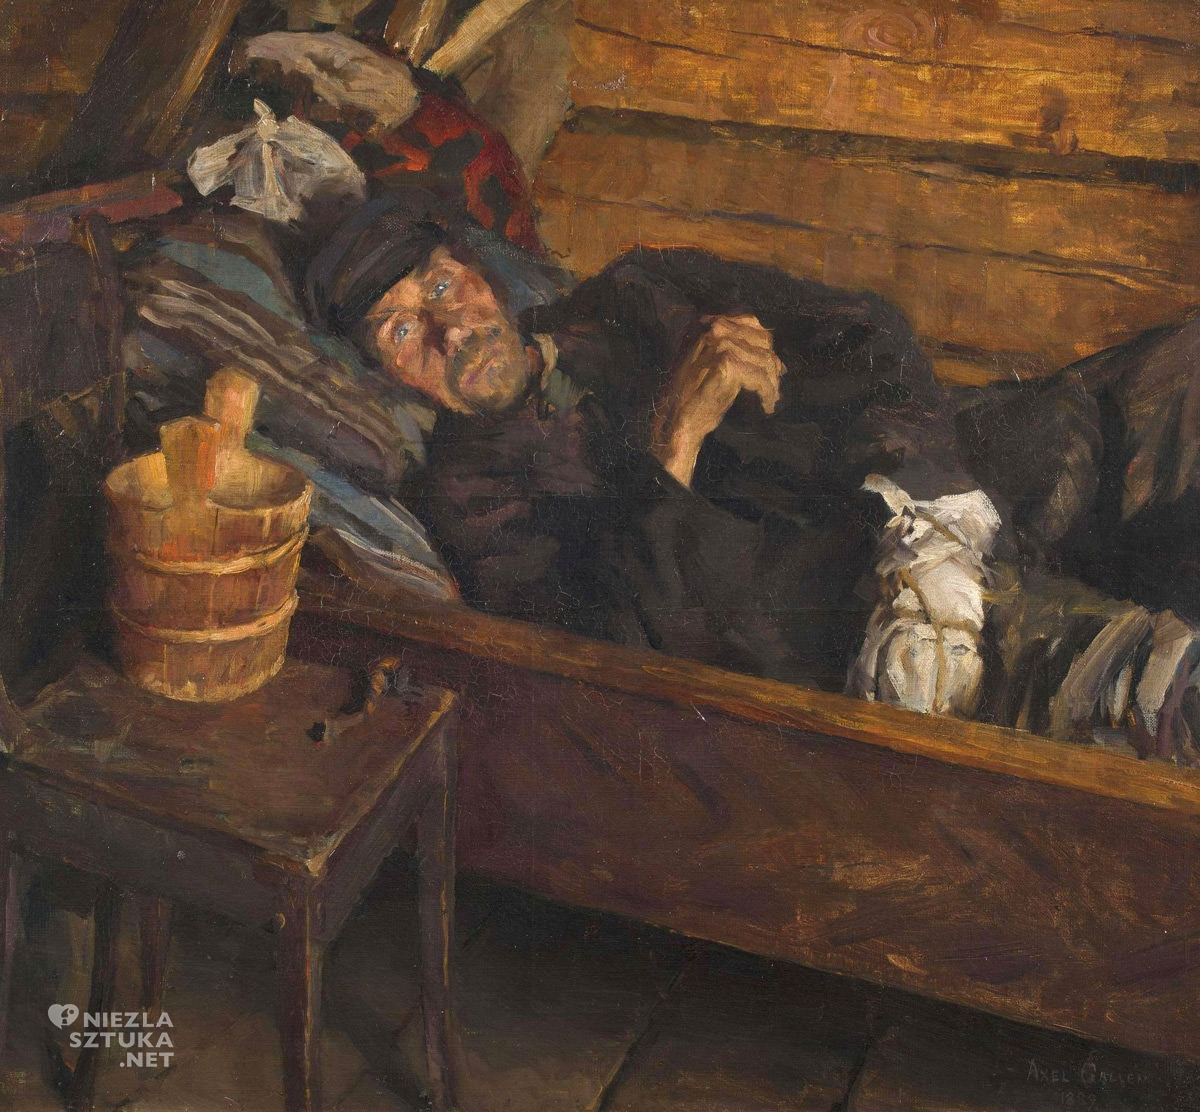 Askeli Gallen Kallela, Gorączka pourazowa, sztuka europejska, sztuka fińska, malarstwo, Niezła Sztuka